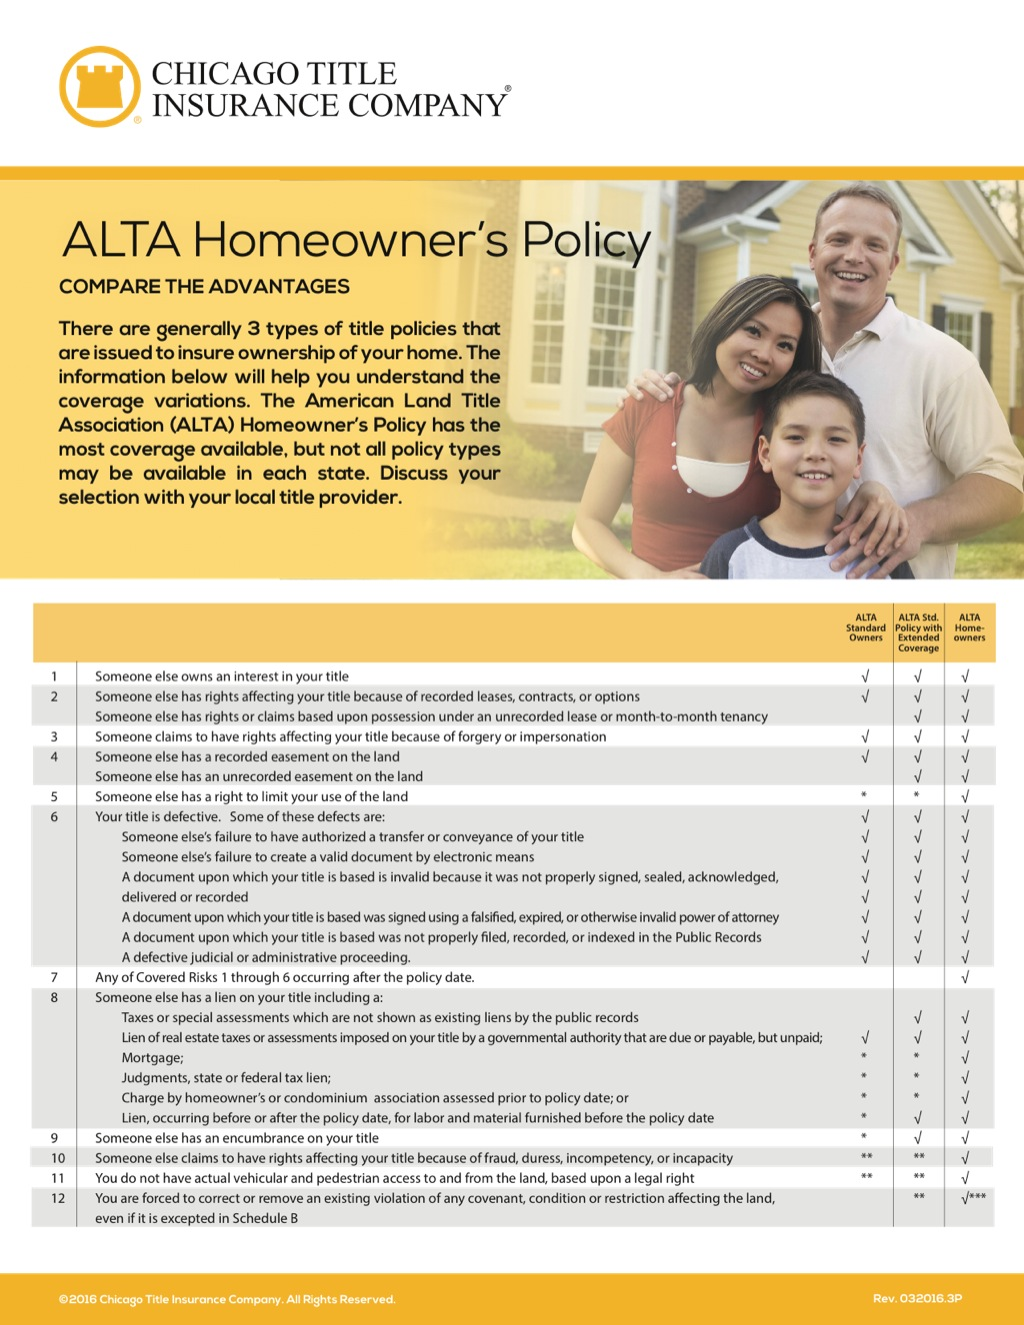 Corefact ALTA 3-Policy compare - CTIC